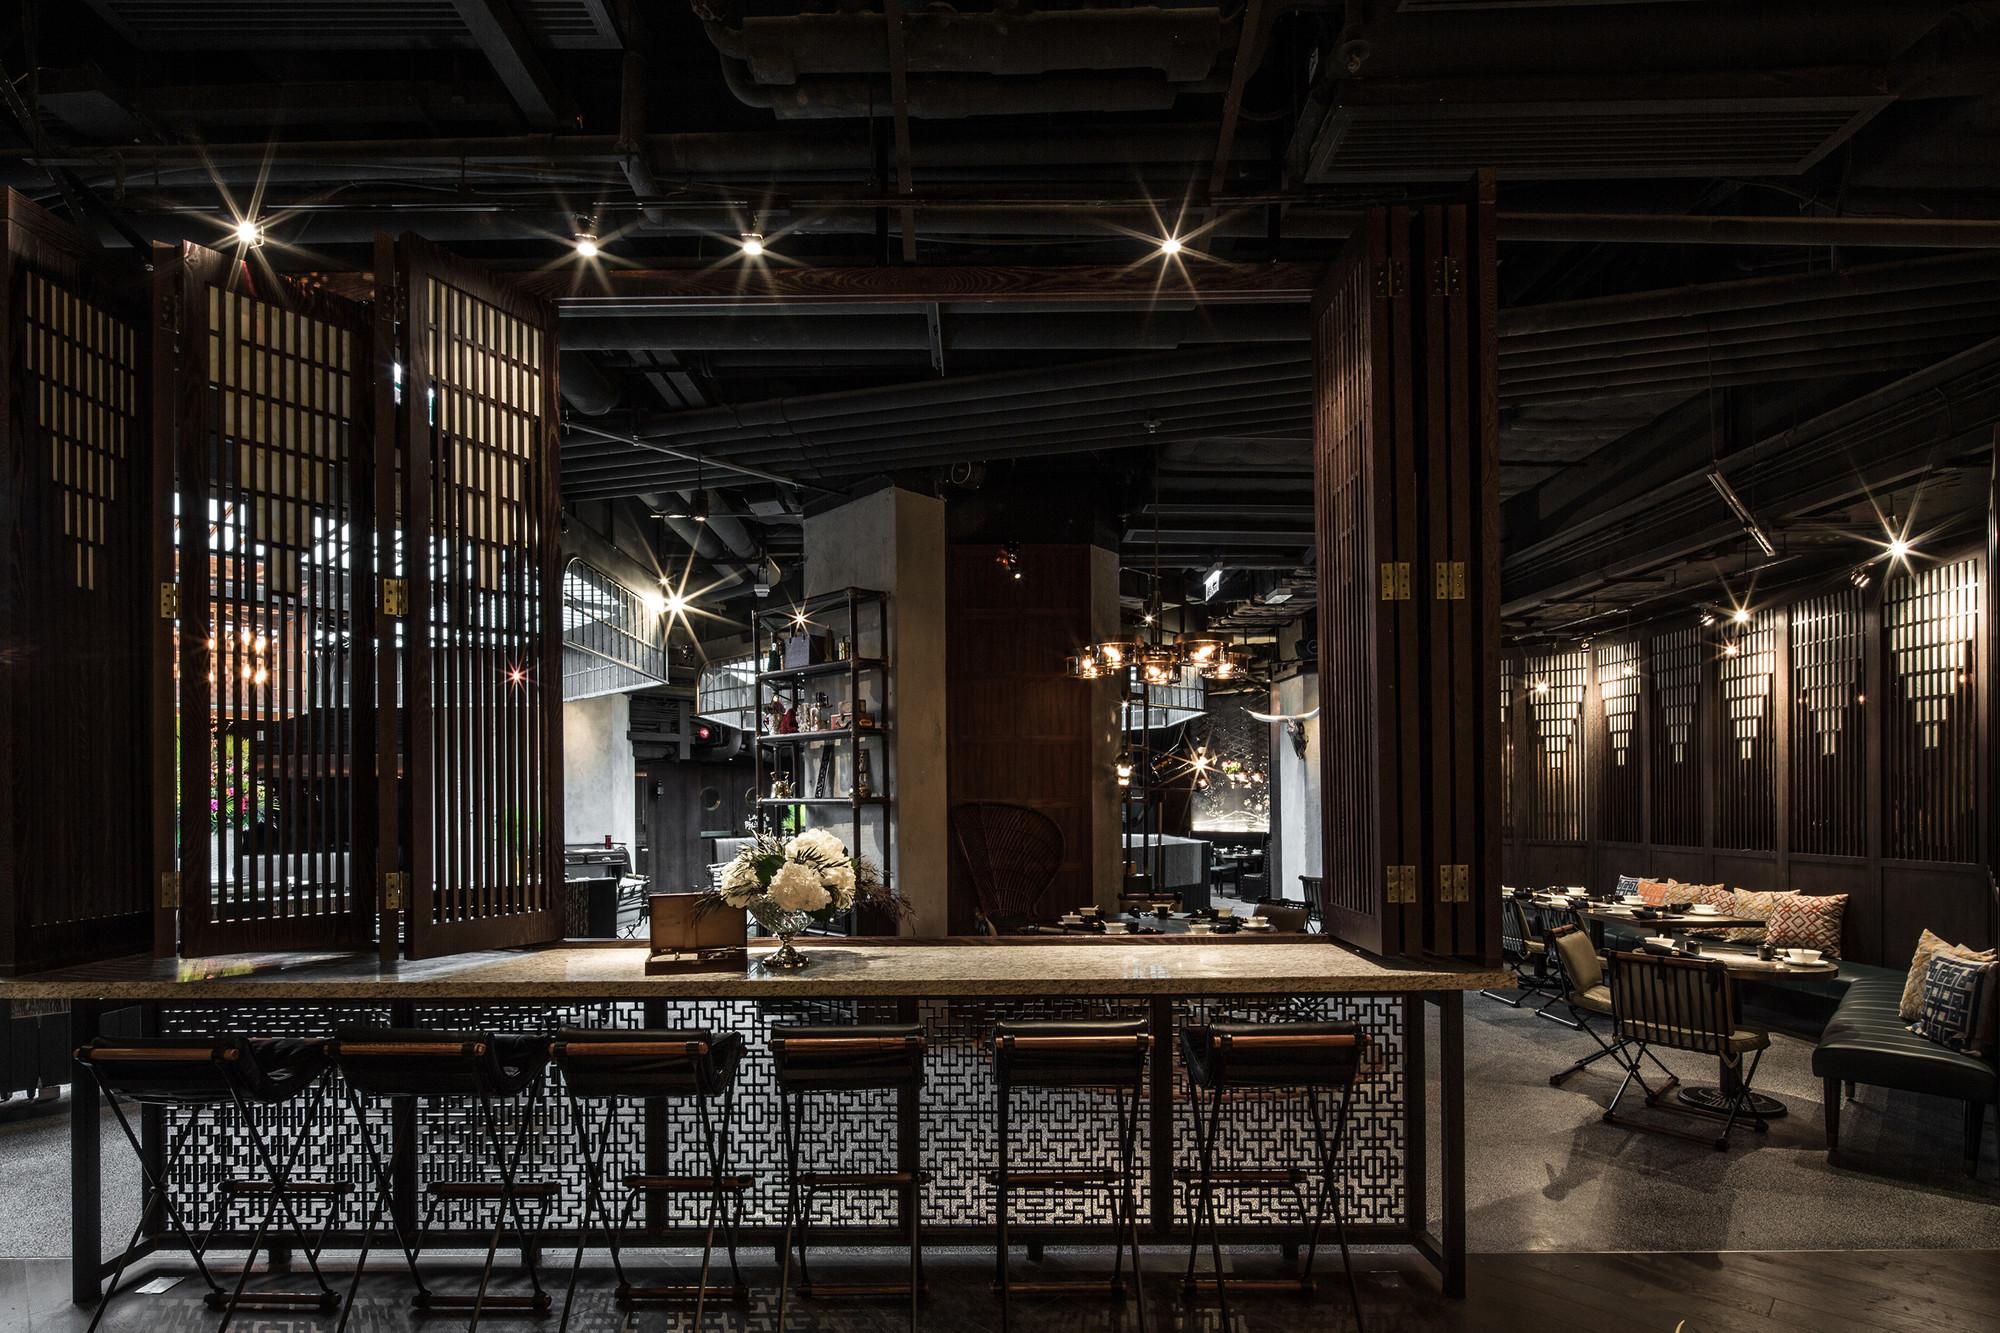 LO MEJOR en bares & restaurantes: MOTT32; Hong Kong / JOYCE WANG STUDIO. Imágen cortesía de INSIDE